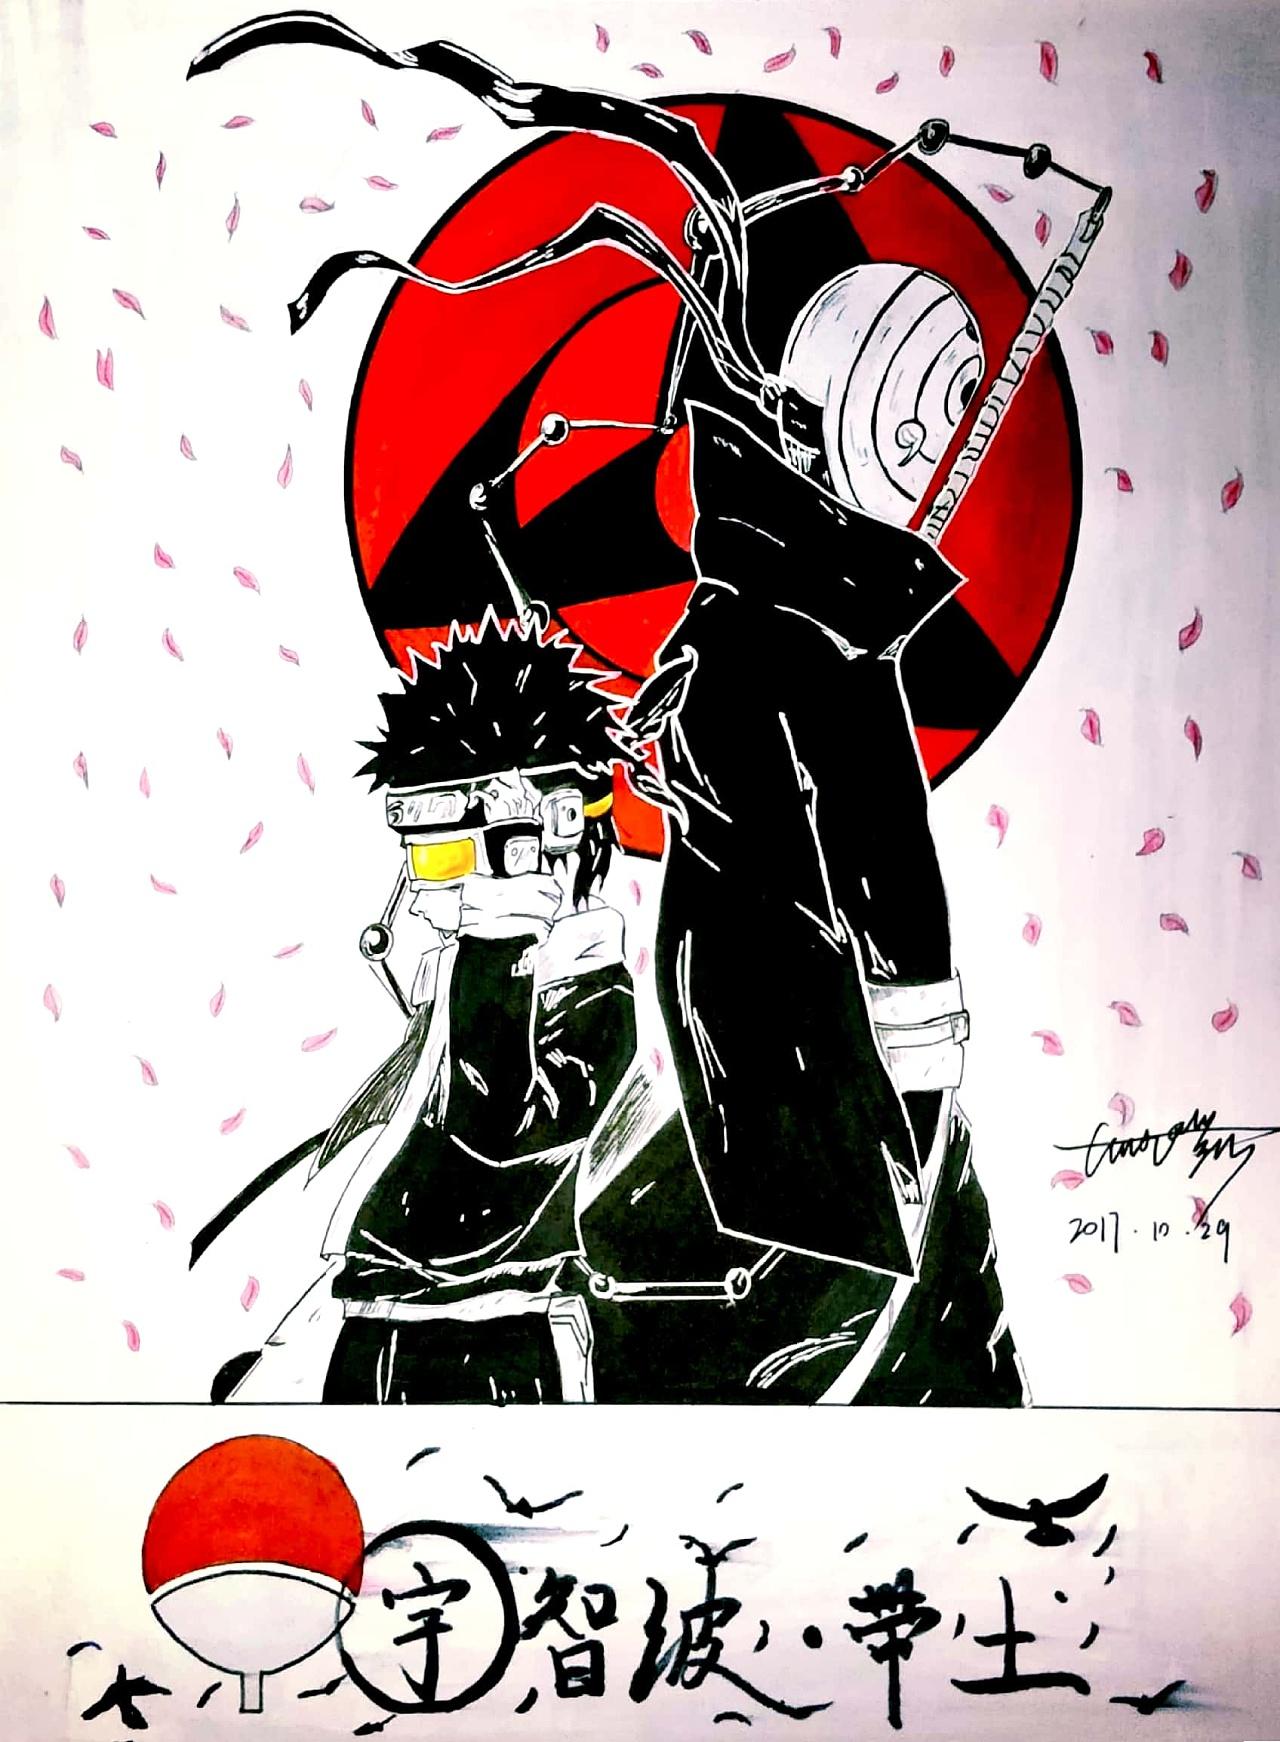 马克笔手绘|动漫|单幅漫画|kaikaiho - 原创作品